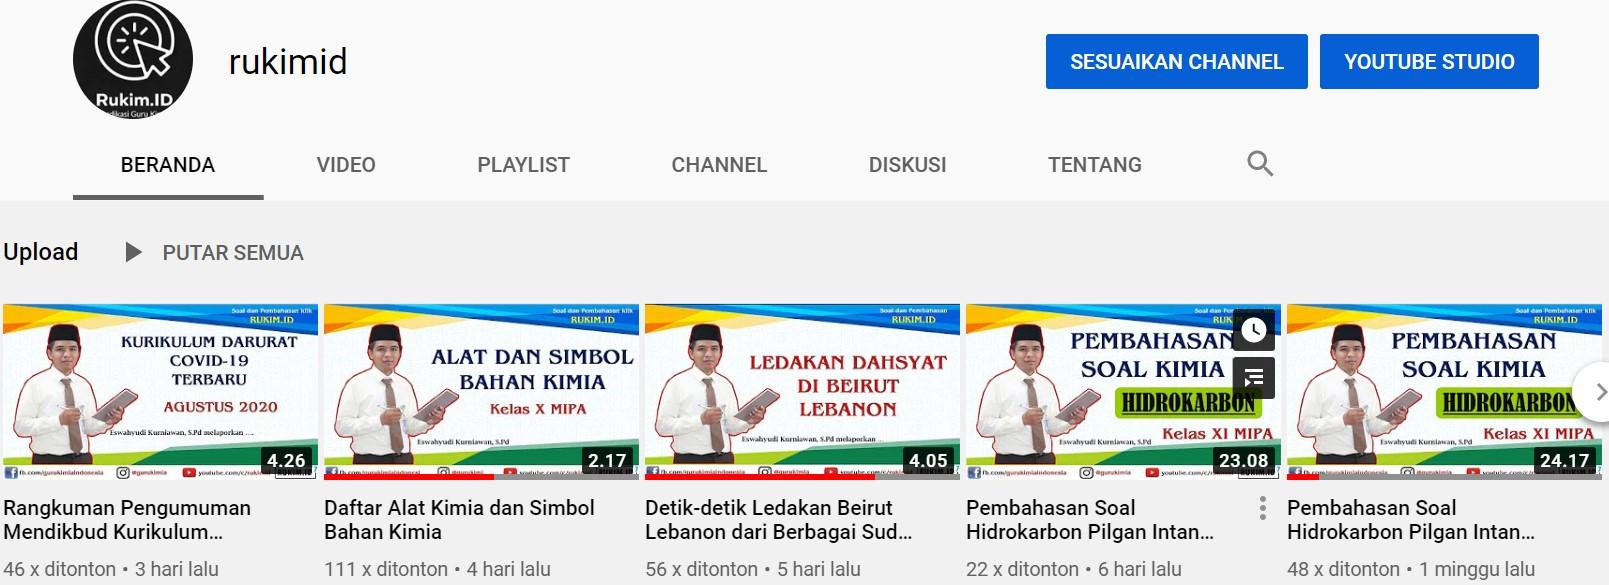 Struktur Atom Channel Kimia Youtube Rukim